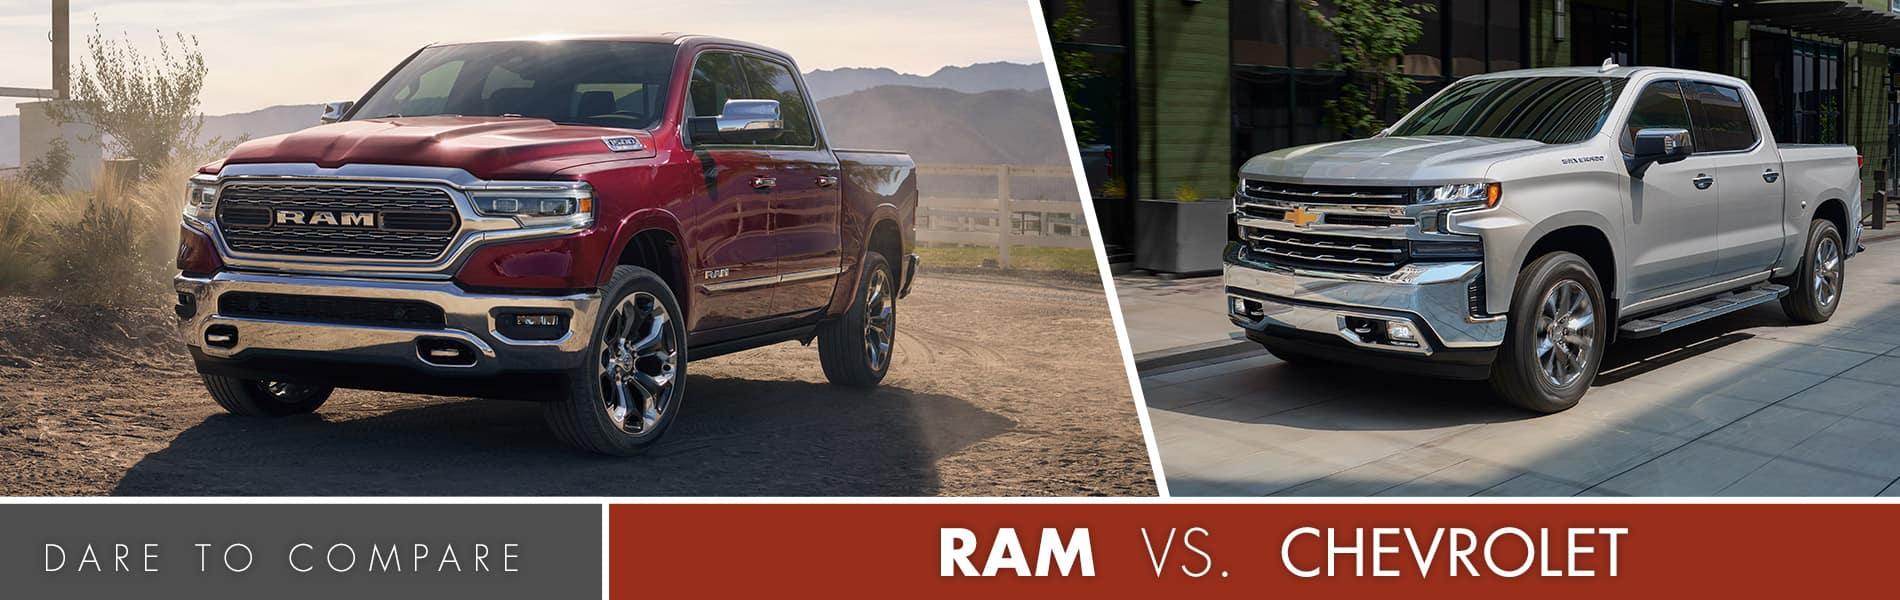 Ram vs Chevrolet | Fort Wayne, IN